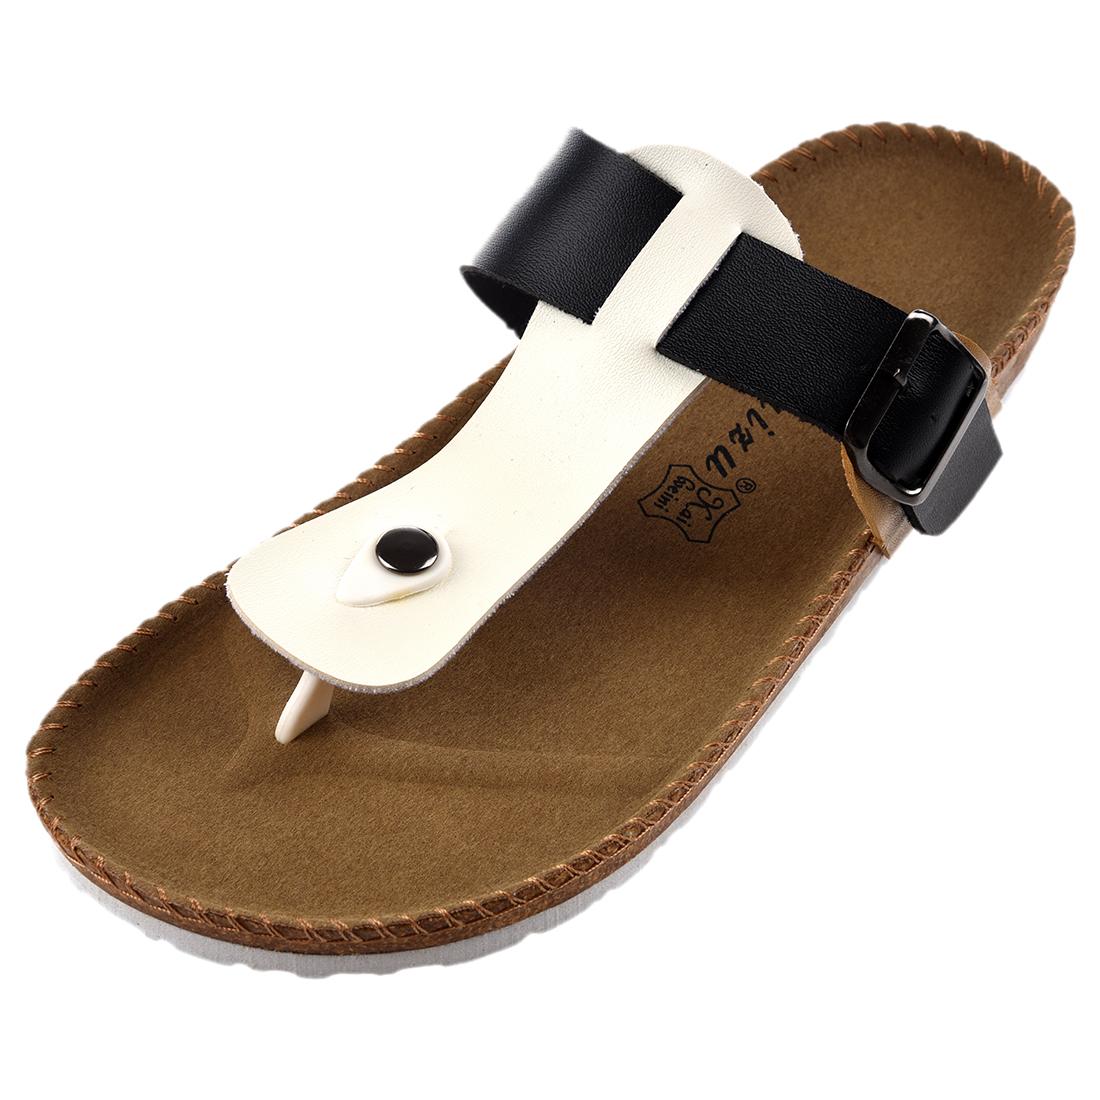 RUIZUU-Chancletas-deportivas-Sandalias-de-playa-Zapatillas-de-Mujer-Hombres-PB miniatura 2